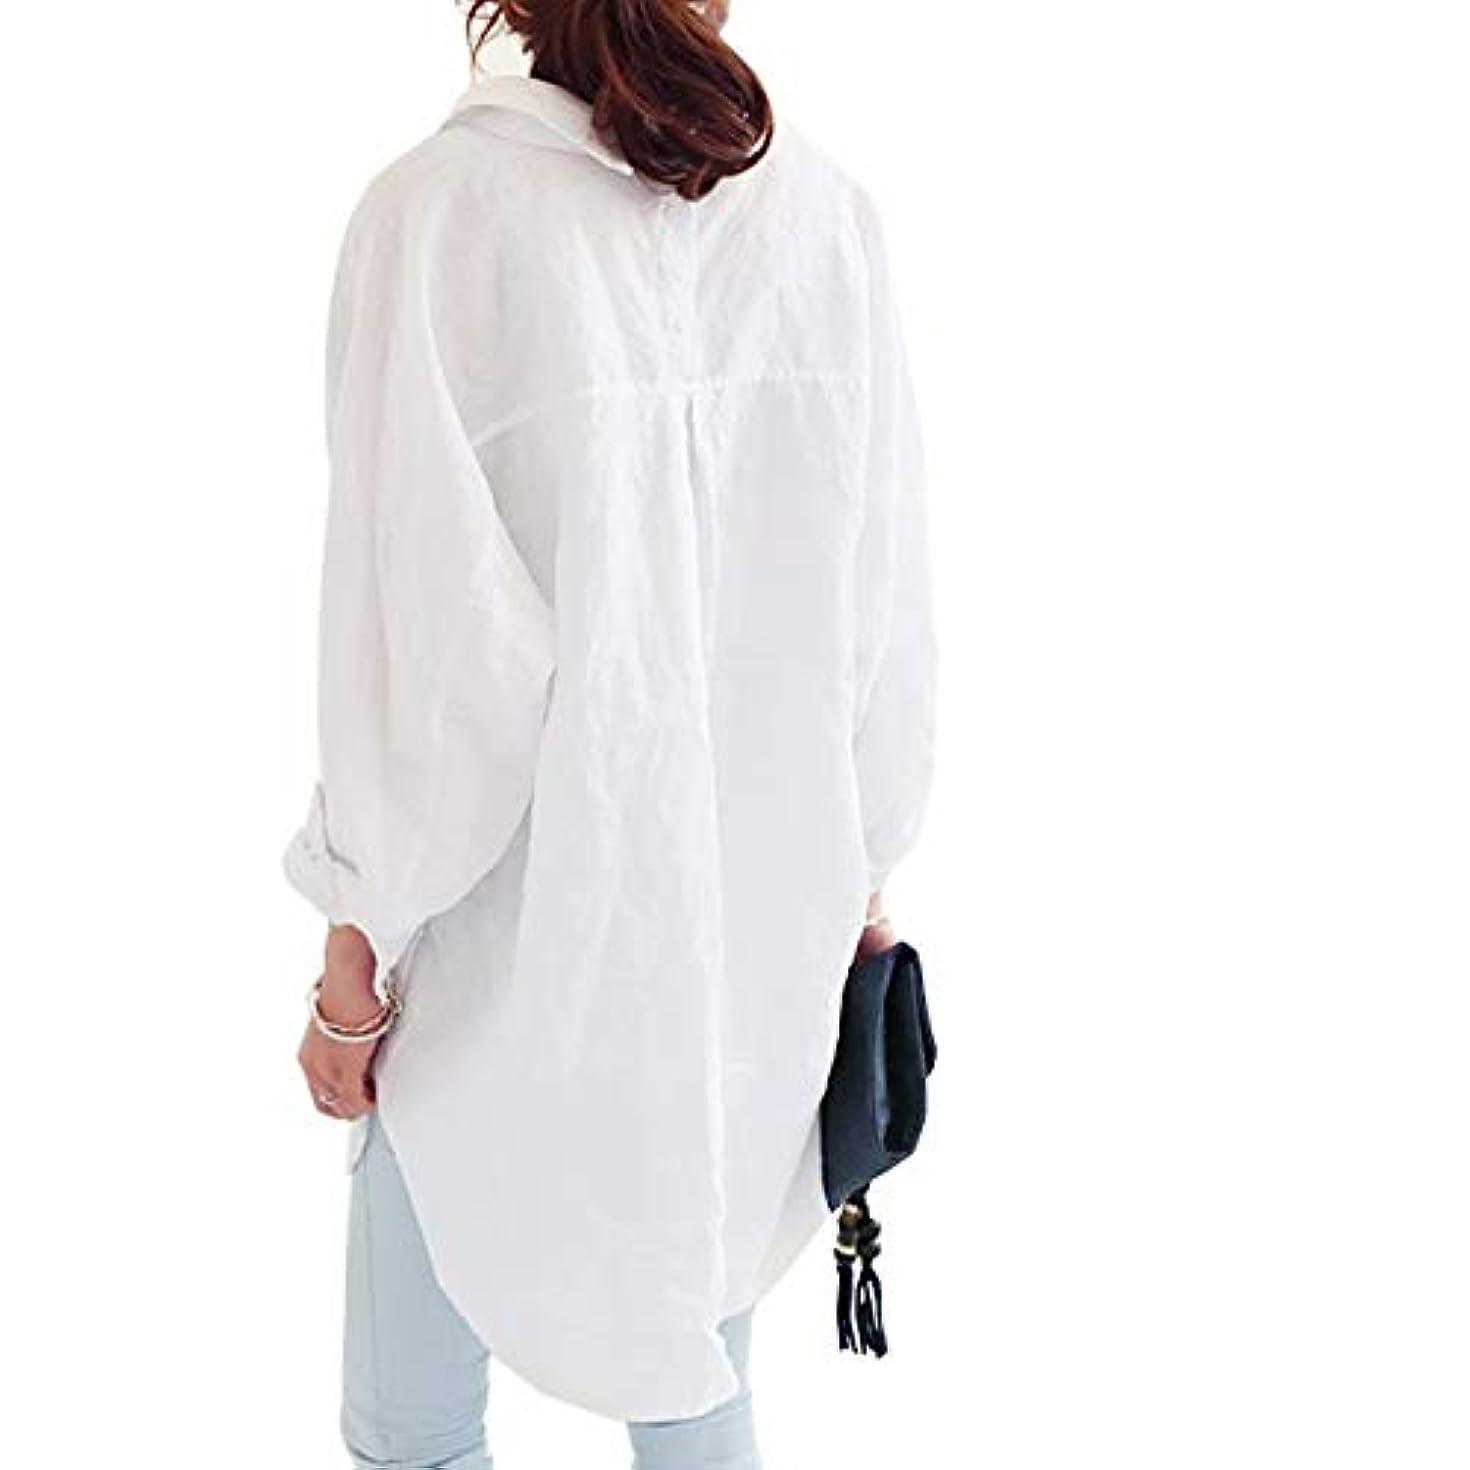 デコードする慰め情熱的[ココチエ] シャツ ワンピ レディース ブラウス 長袖 ロング 水色 白 大きいサイズ おおきいサイズ おしゃれ ゆったり 体型カバー 前開き